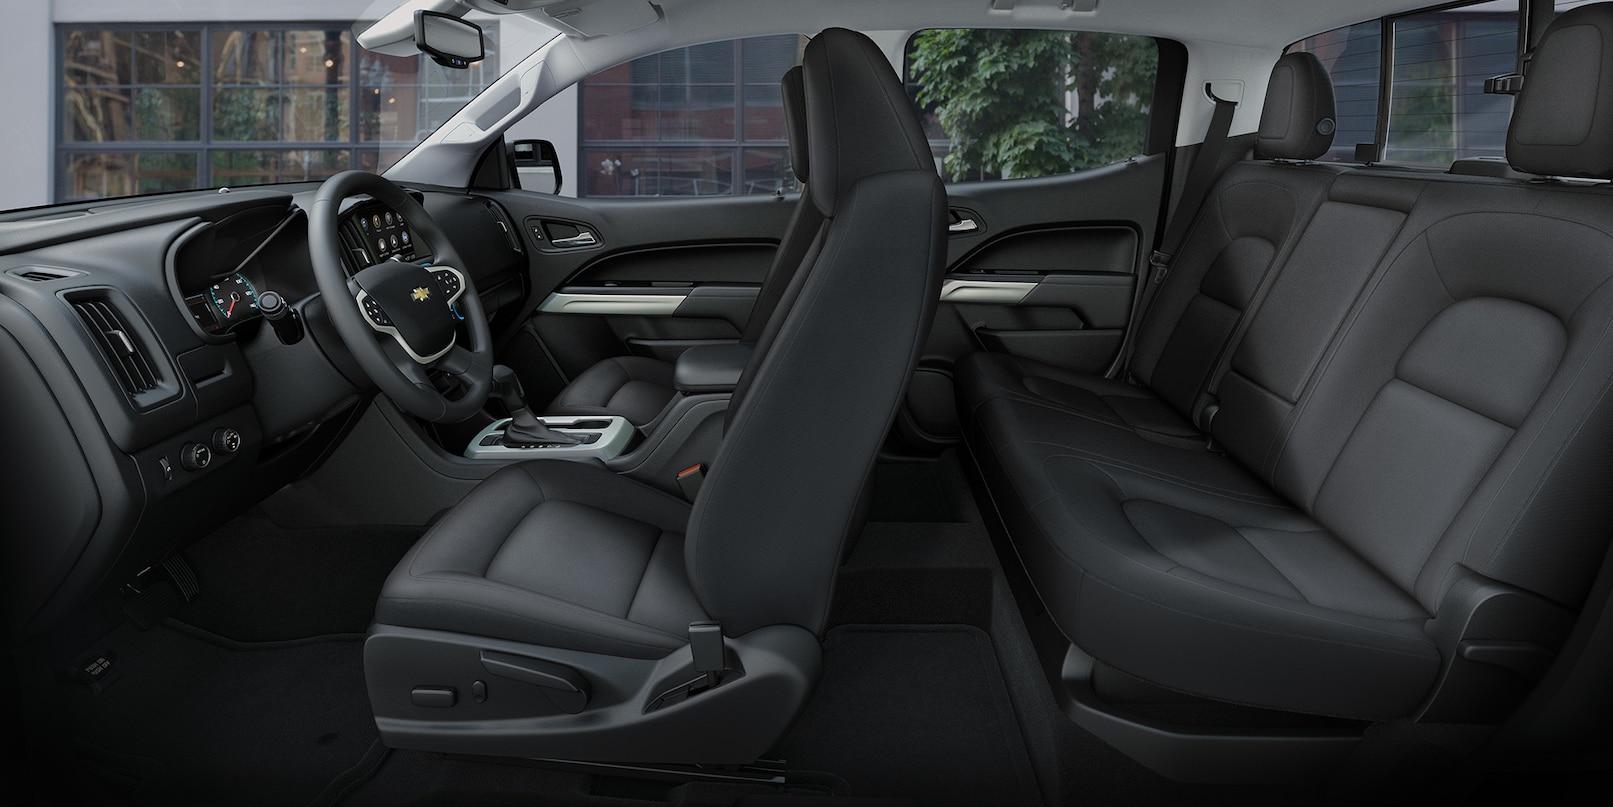 Interior of the 2019 Chevy Colorado